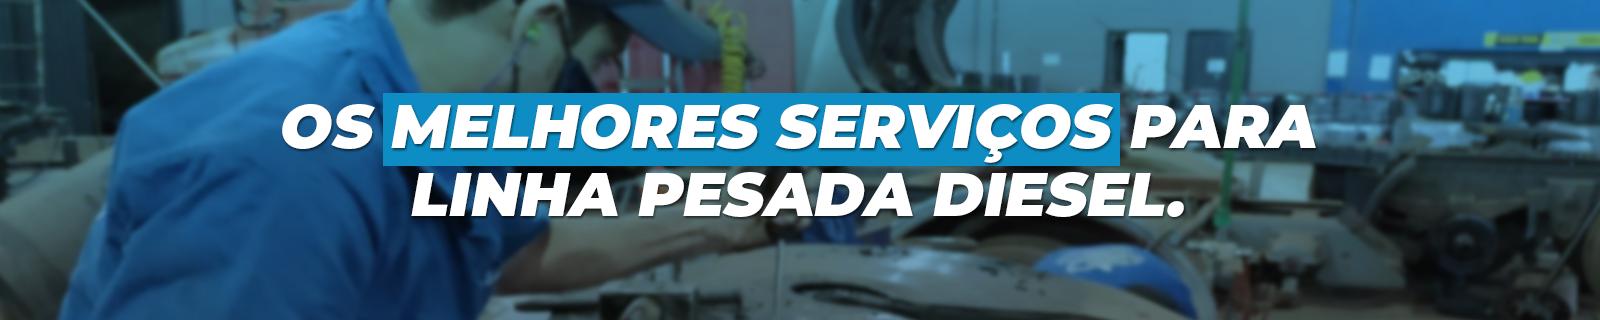 Os melhores serviços para linha diesel pesada